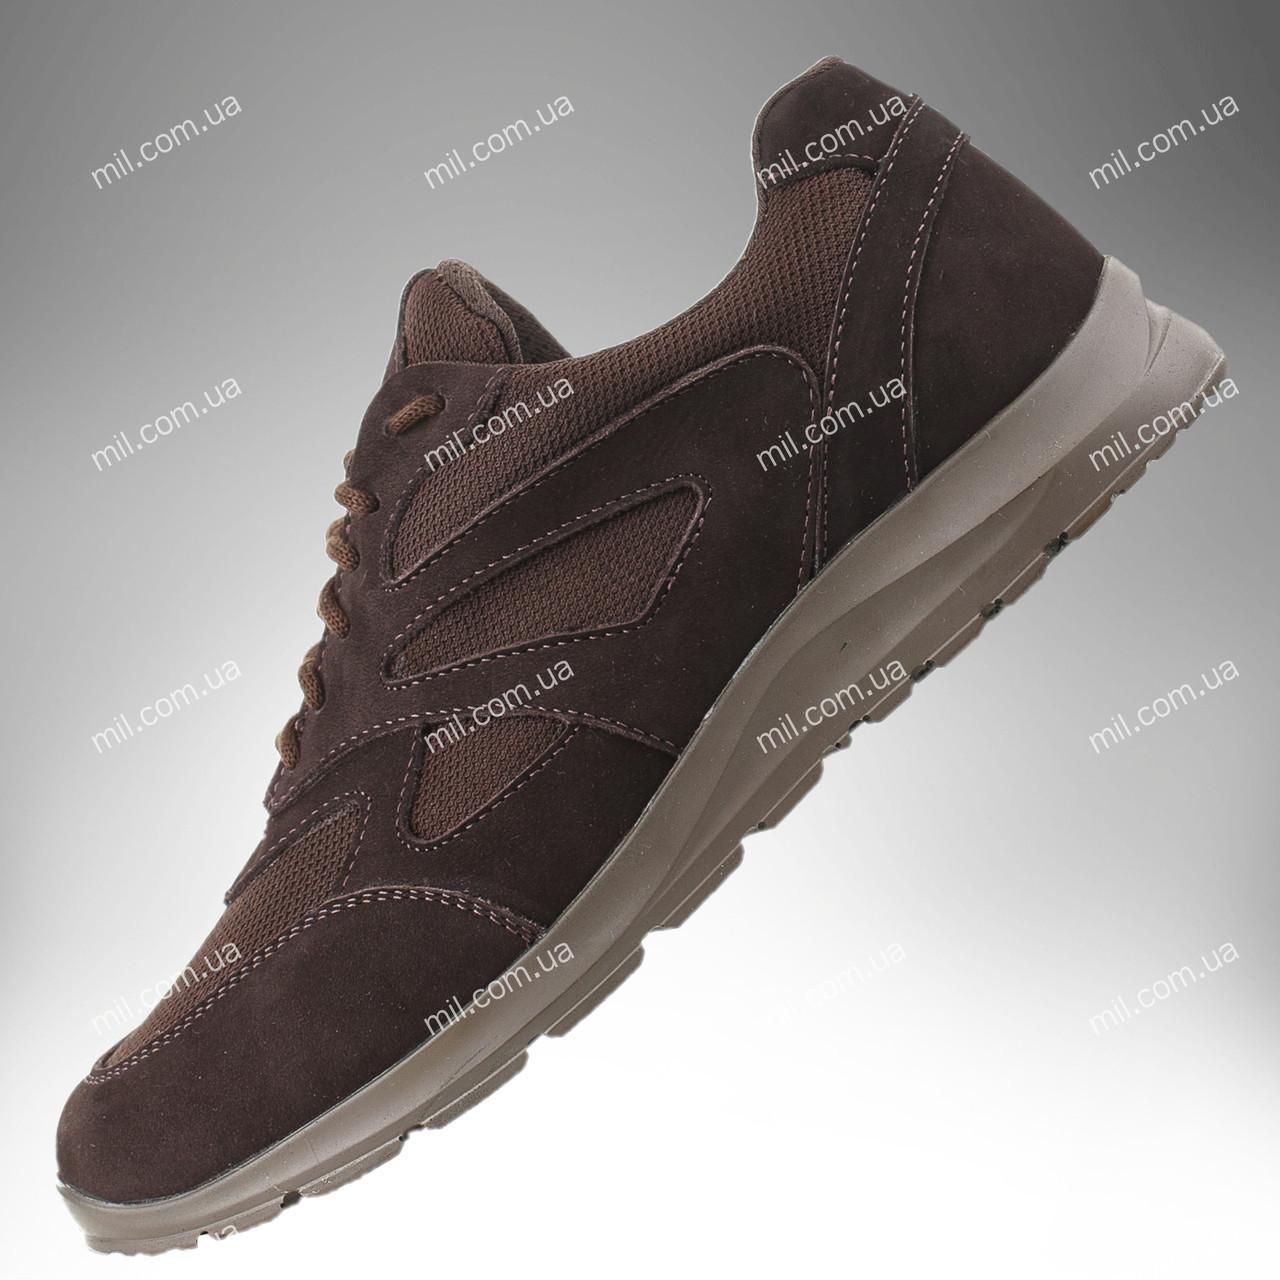 ⭐⭐Кросівки тактичні демісезонні / військова взуття SICARIO (шоколад) | військові кросівки, тактичні